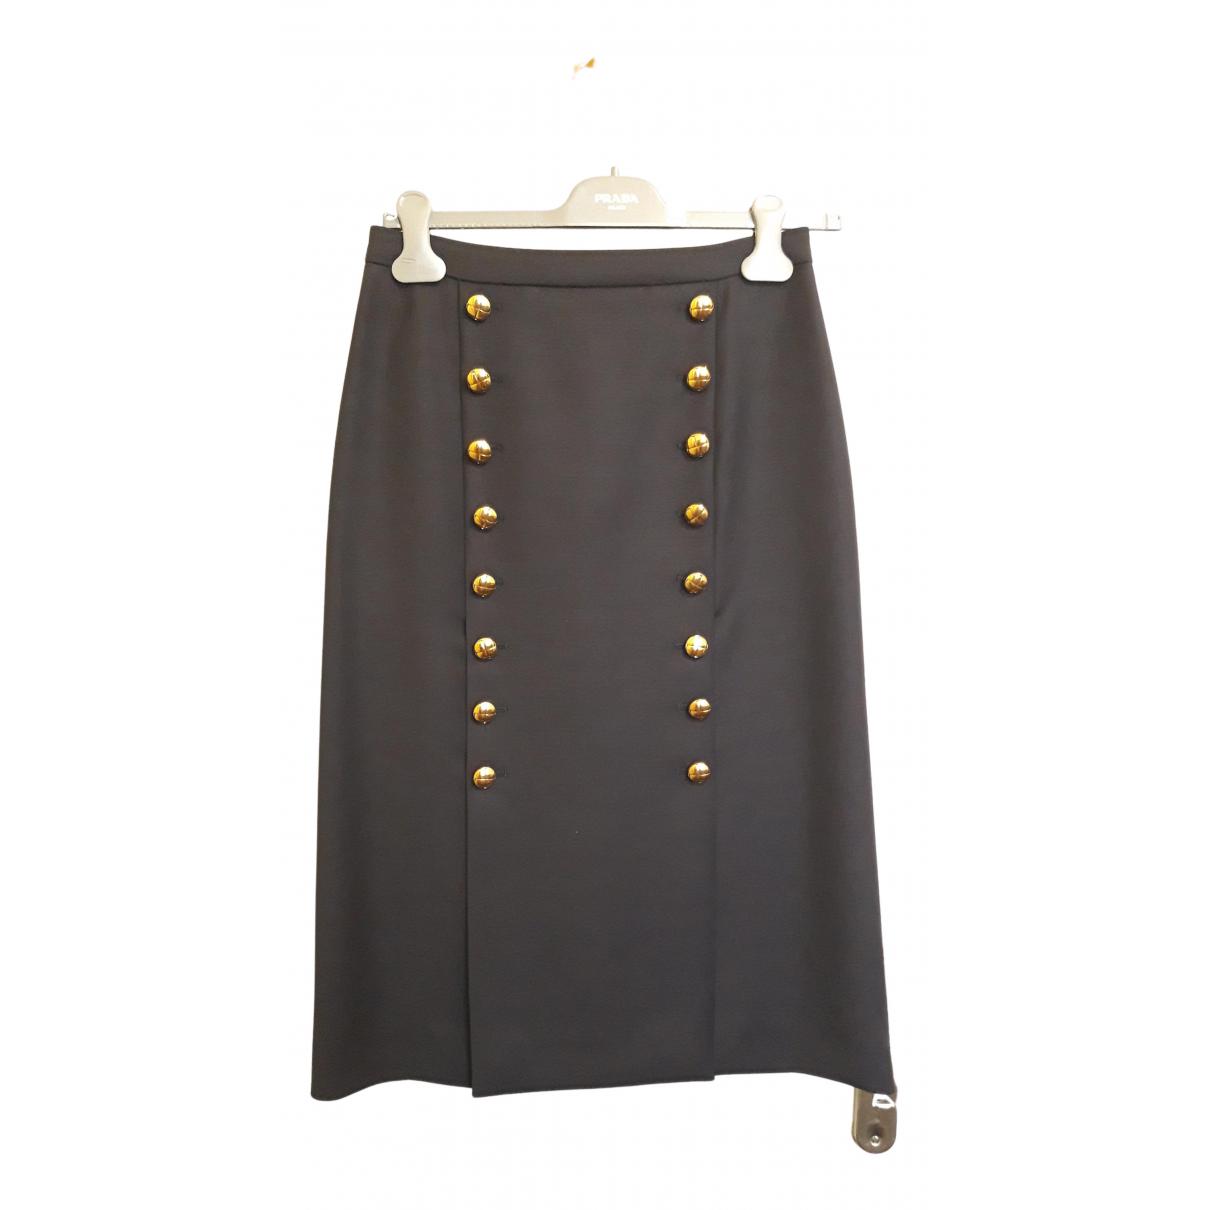 Michael Kors N Blue skirt for Women 4 UK